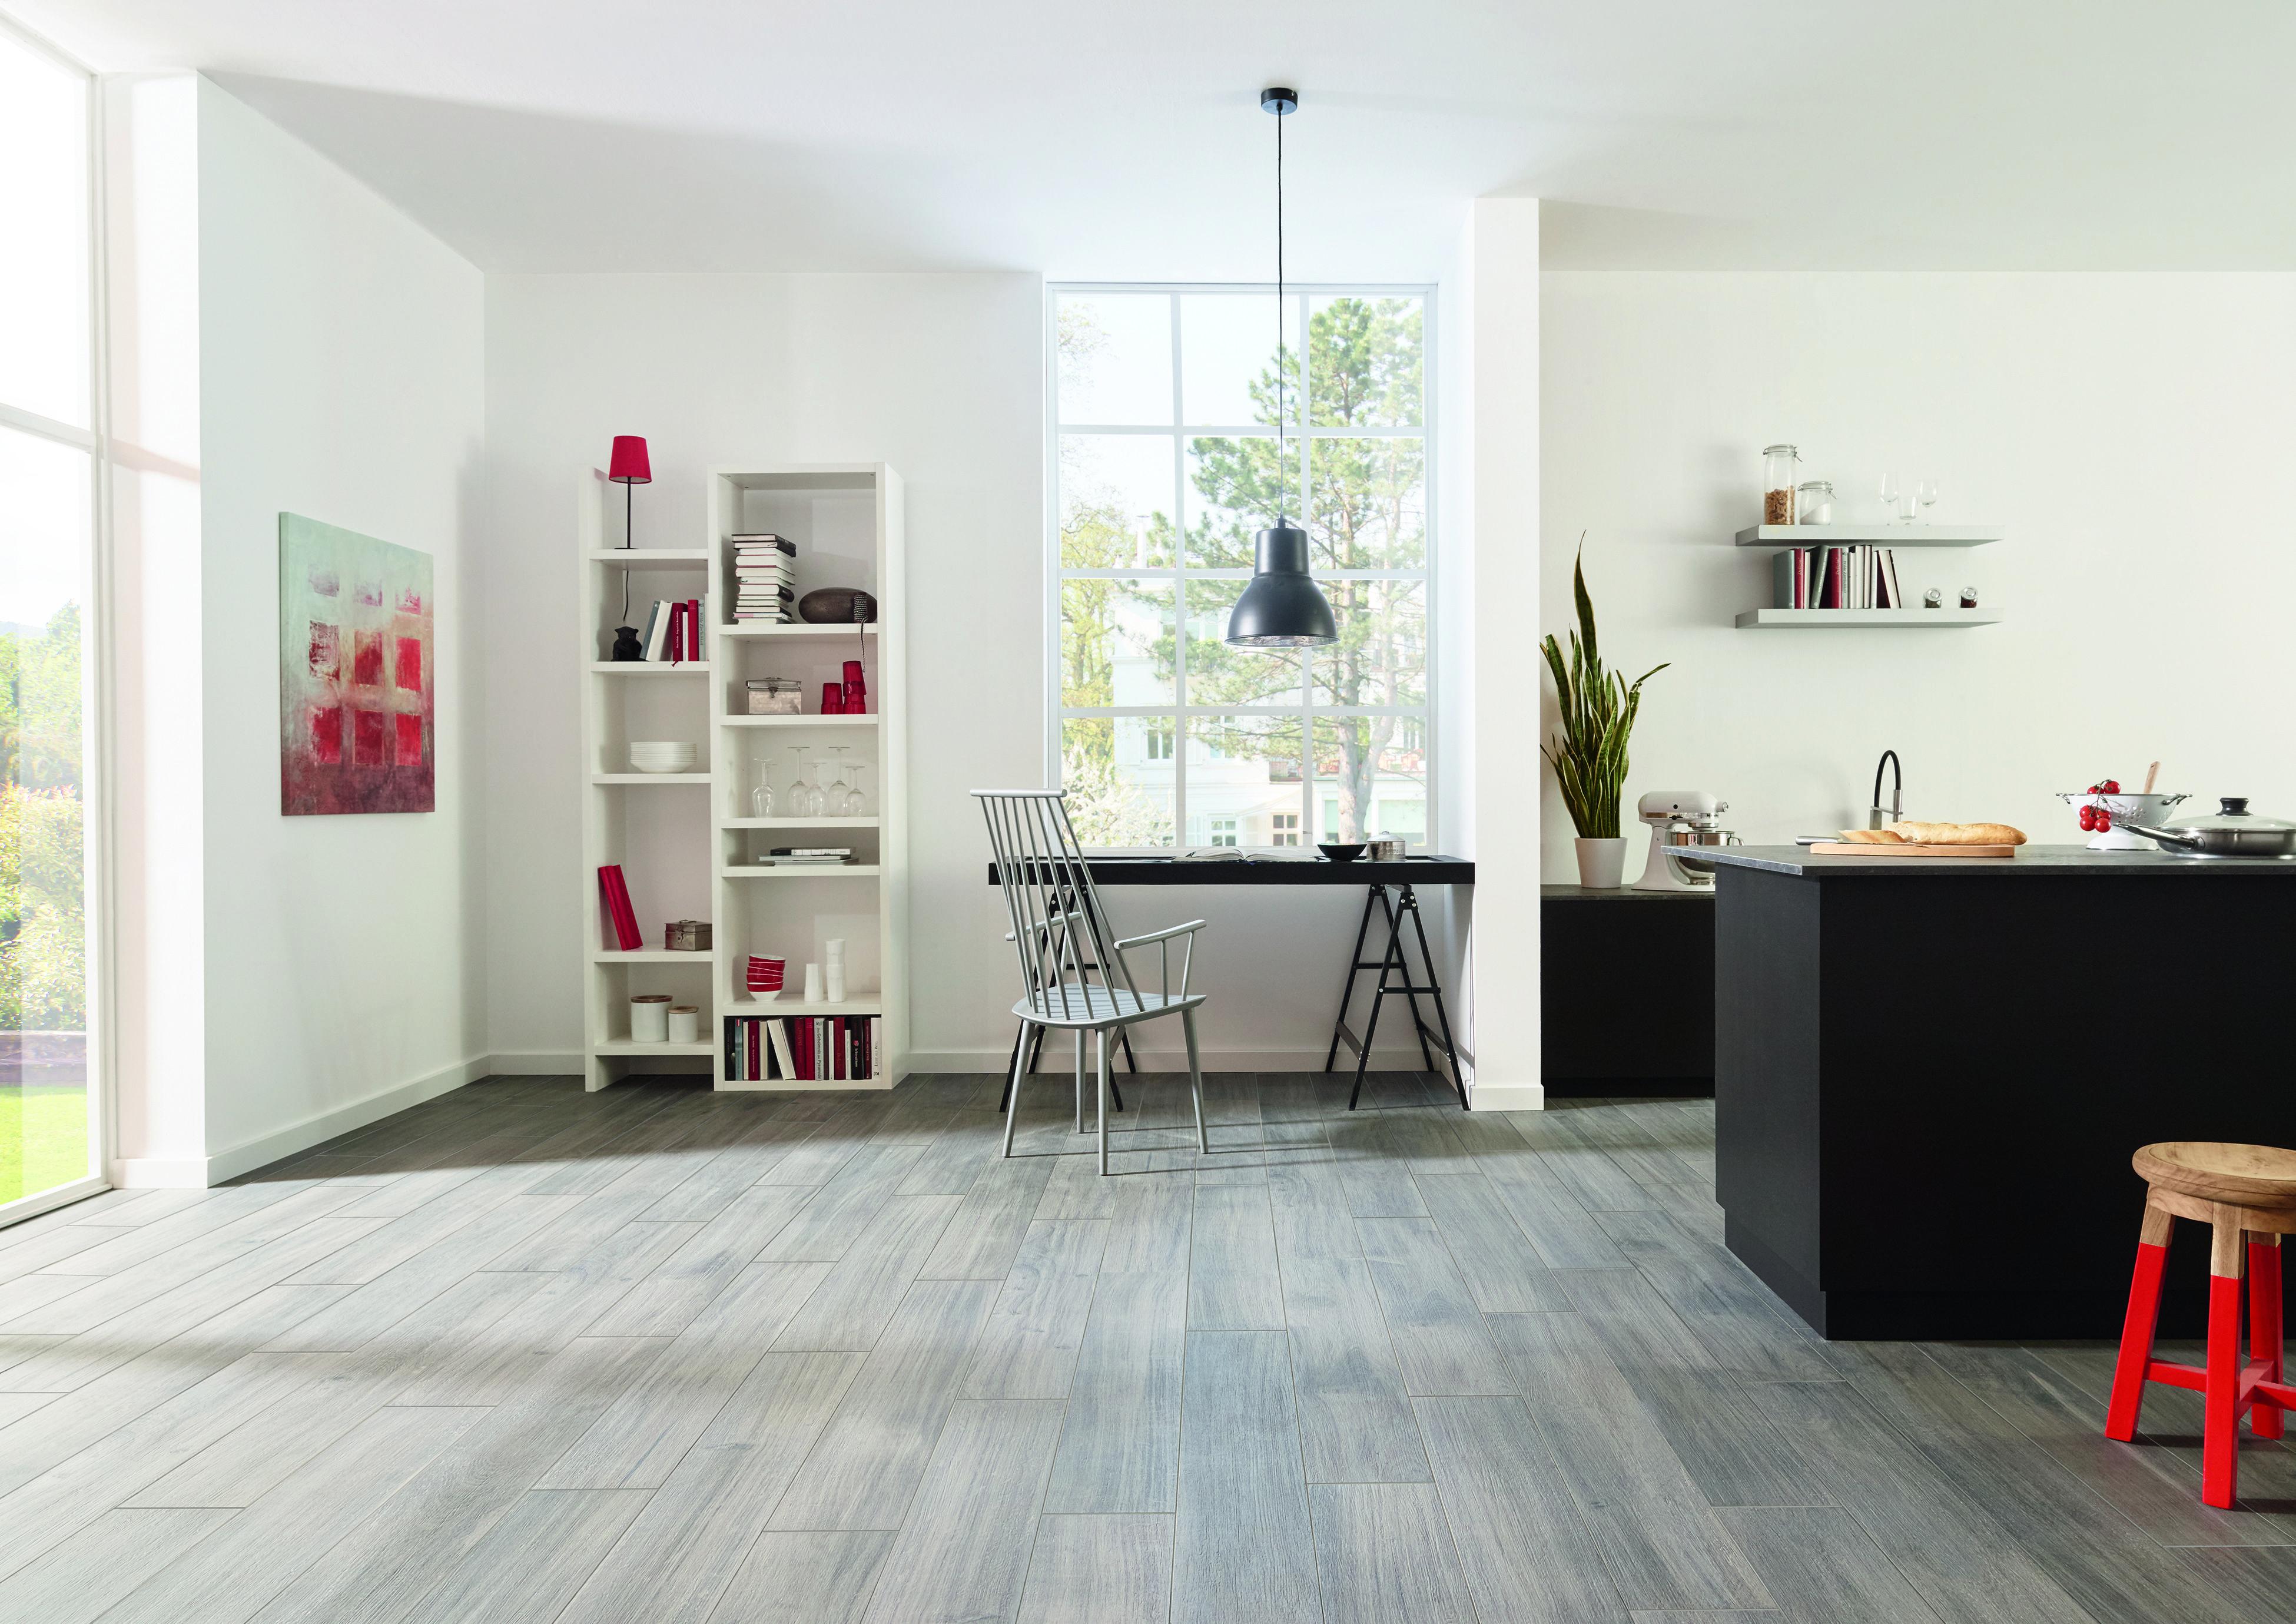 Groß Bodenbelag Optionen Für Küche Und Esszimmer Bilder - Küchen ...